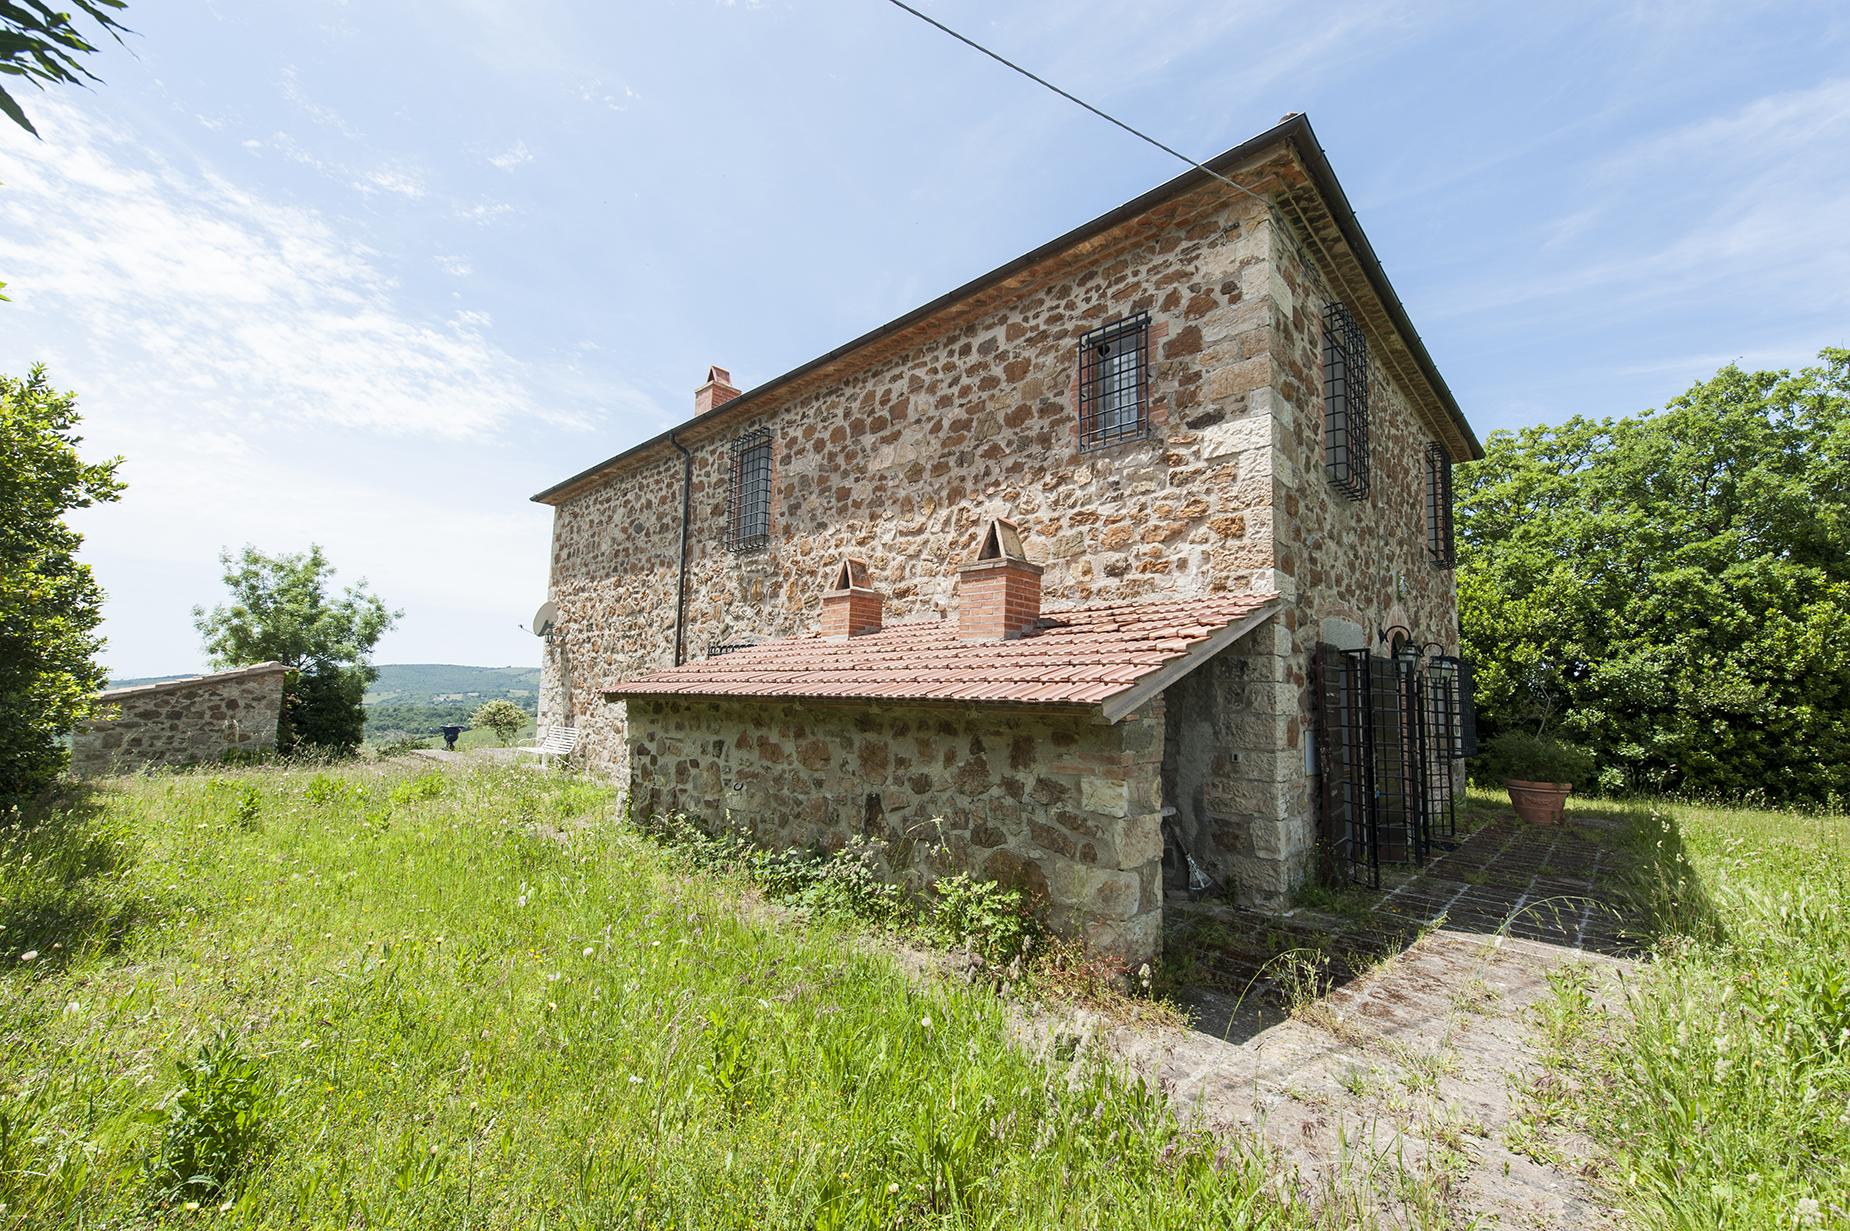 Rustico in Vendita a Roccalbegna:  5 locali, 450 mq  - Foto 1